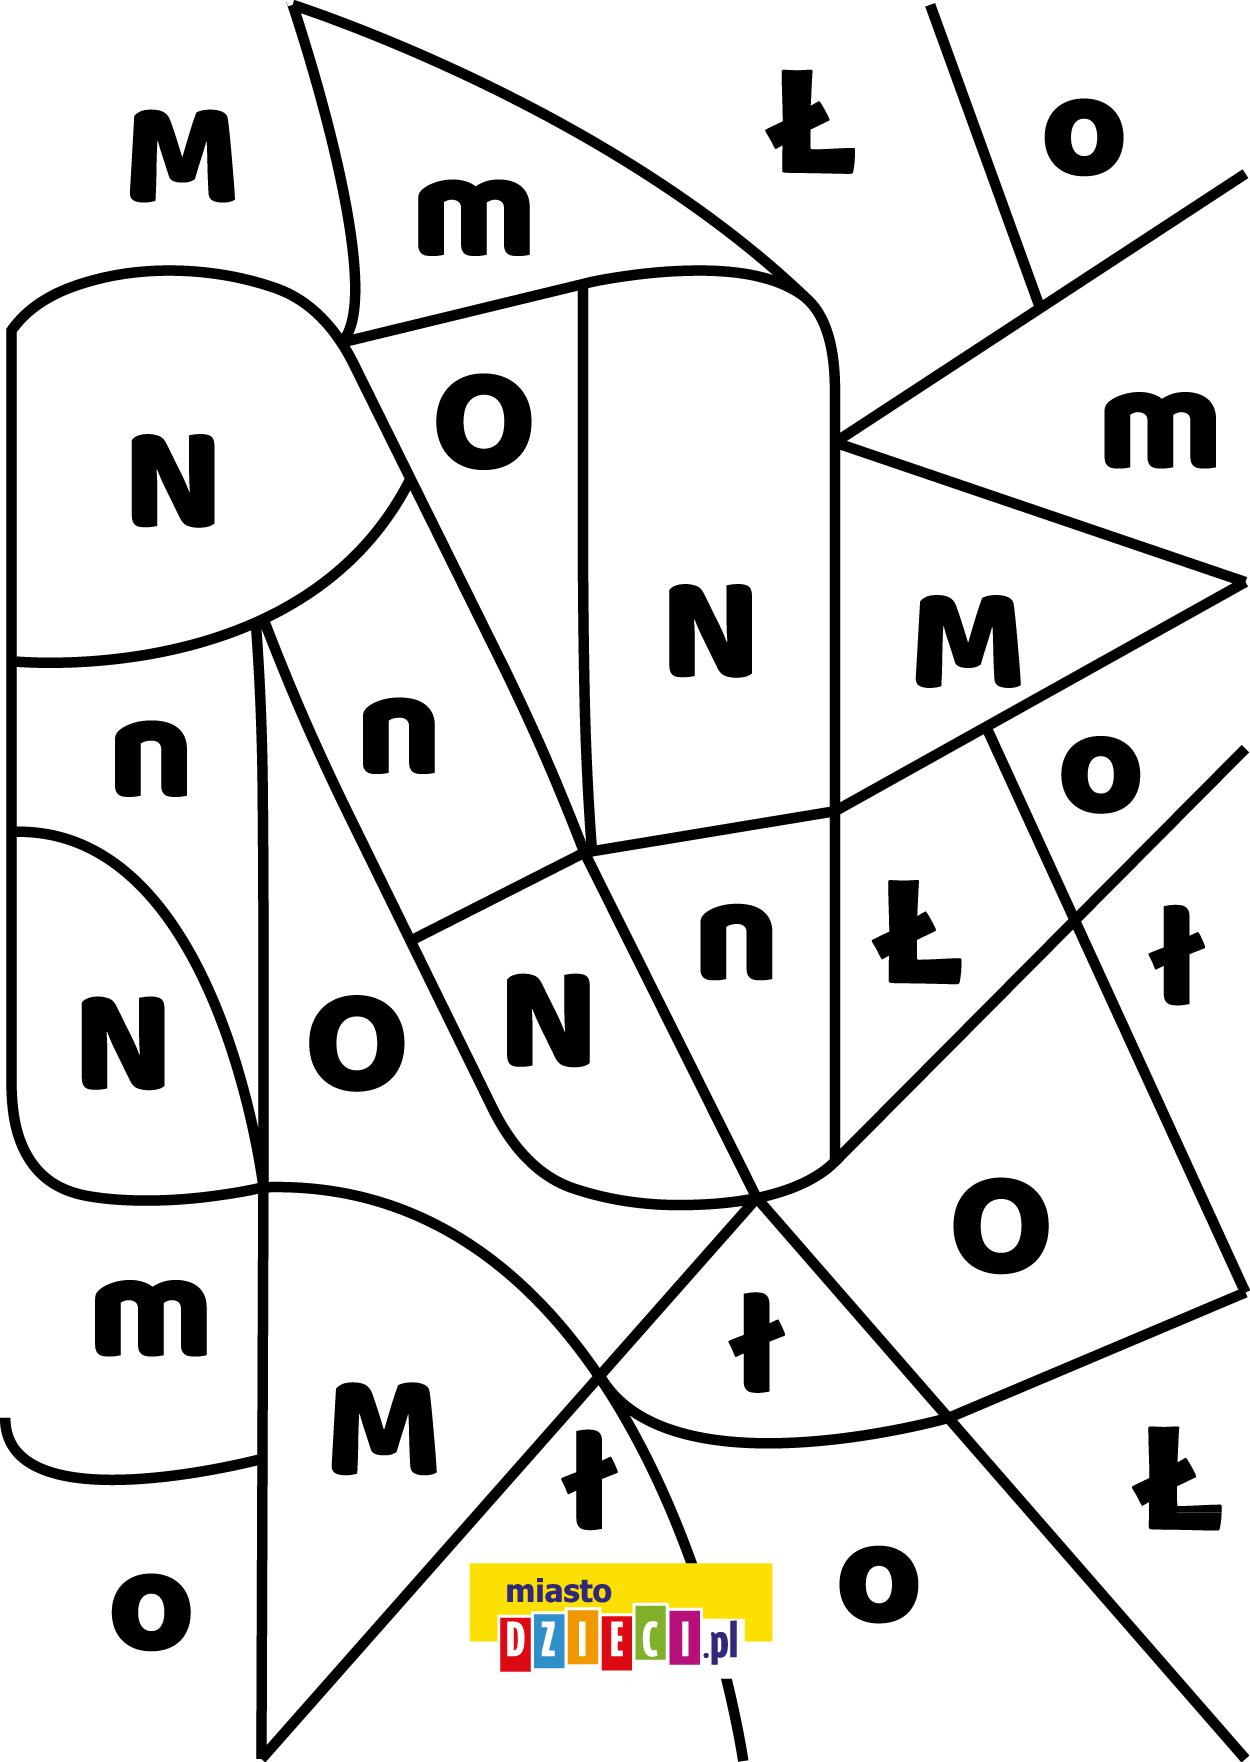 litera N - ukryte litery do nauki czytania kolorowanki i szablony do druku dla dzieci MiastoDzieci.pl